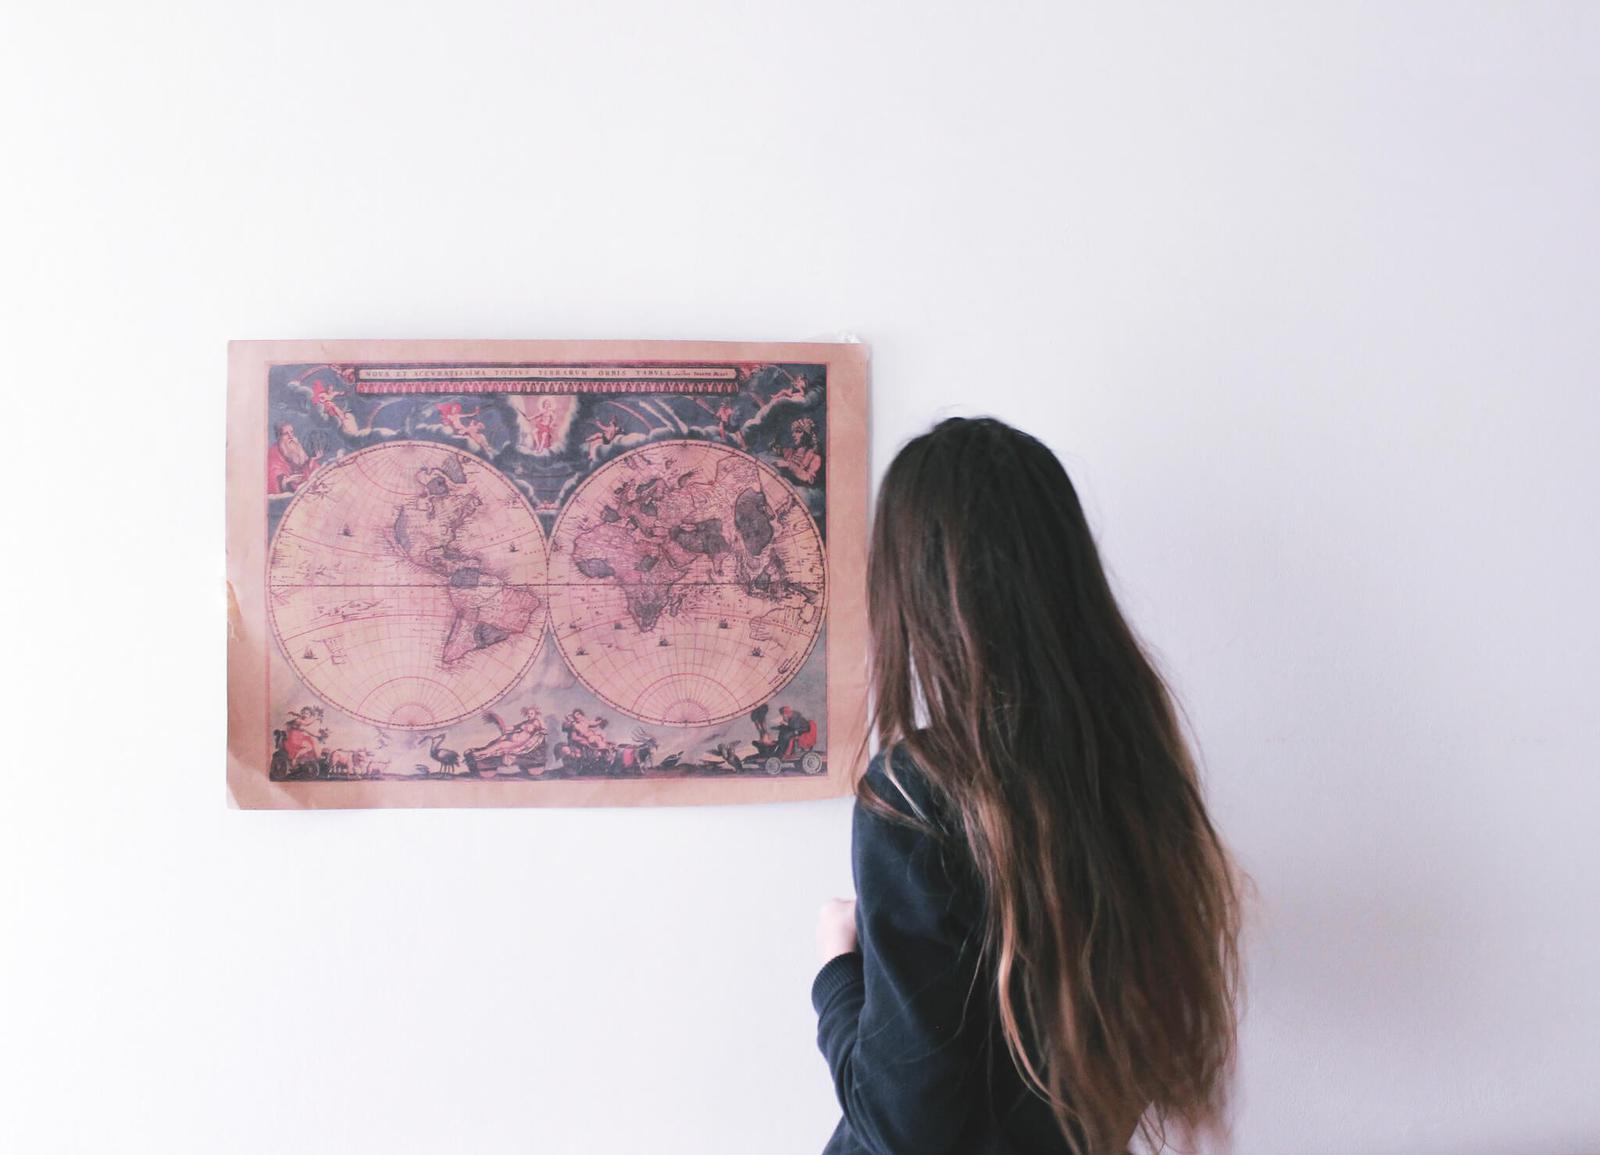 Taurus travel horoscope